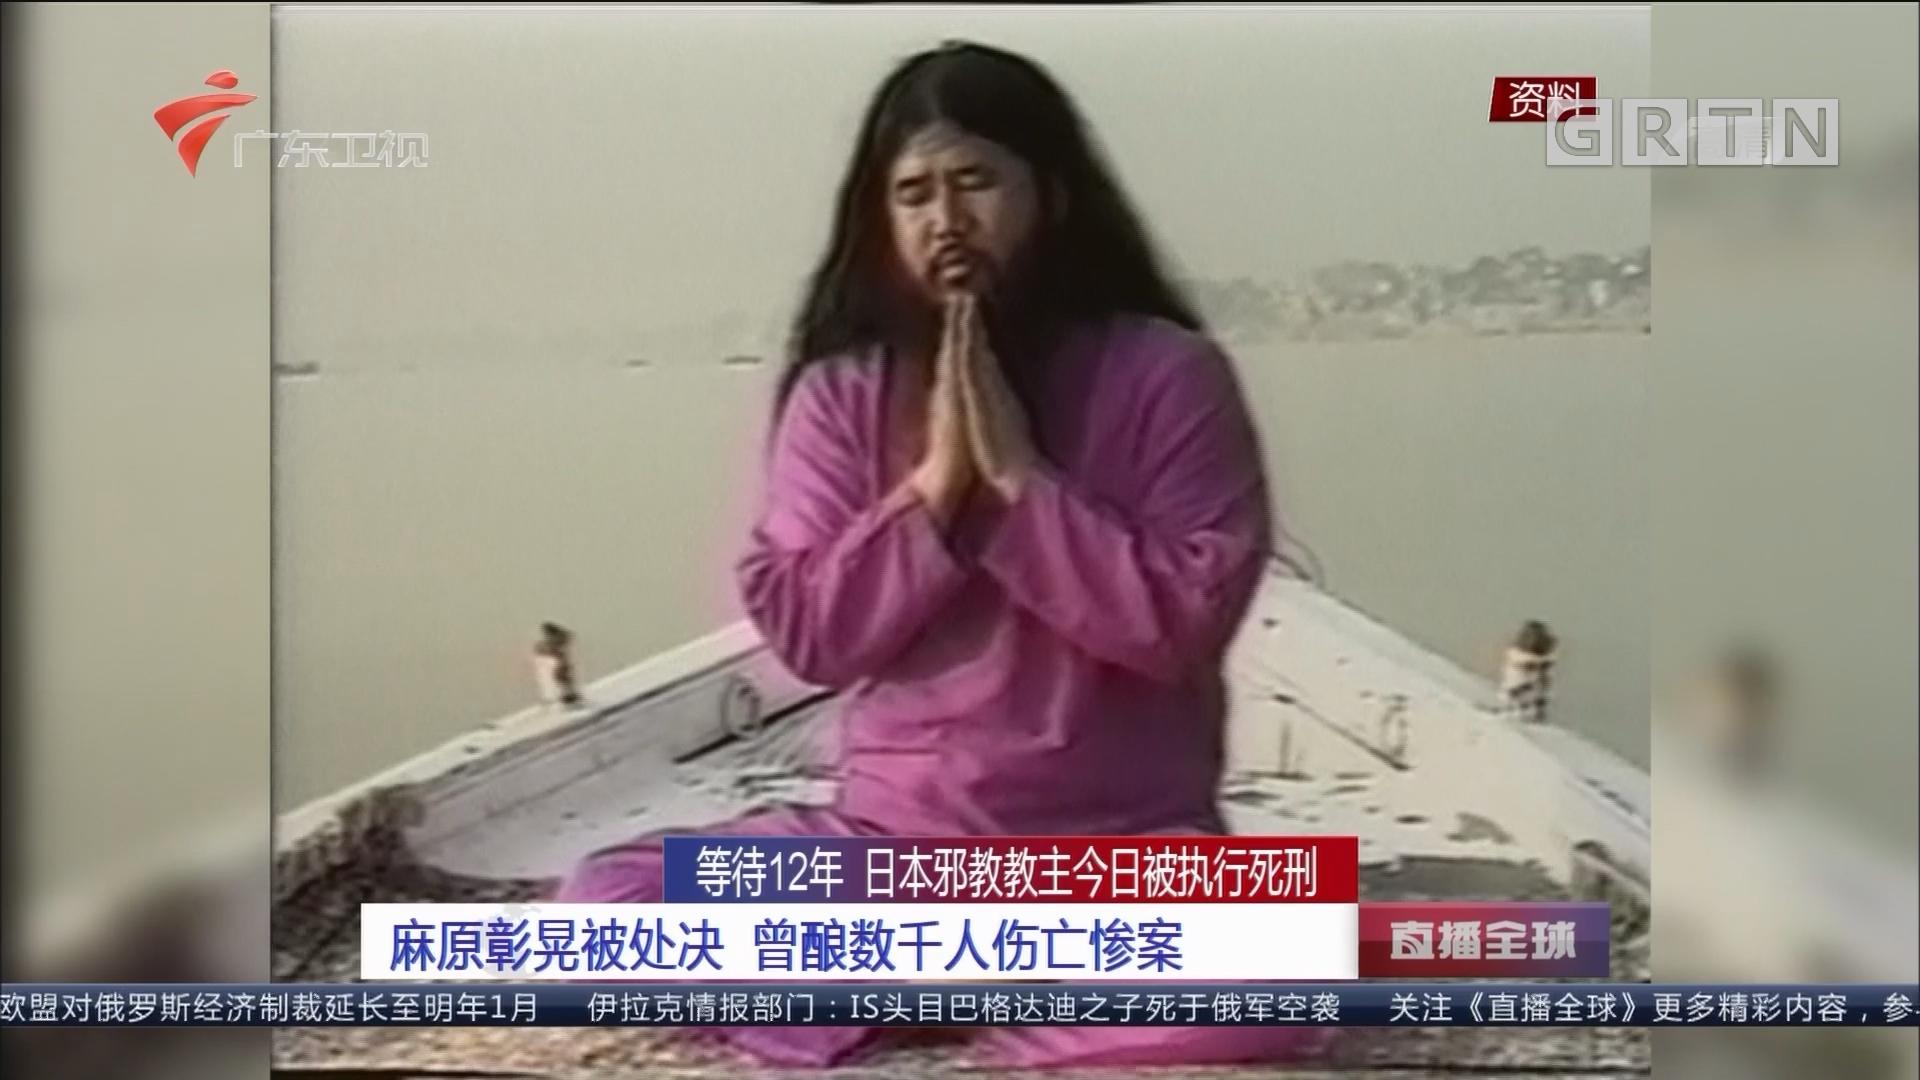 等待12年 日本邪教教主今日被执行死刑 麻原彰晃被处决 曾酿数千人伤亡惨案